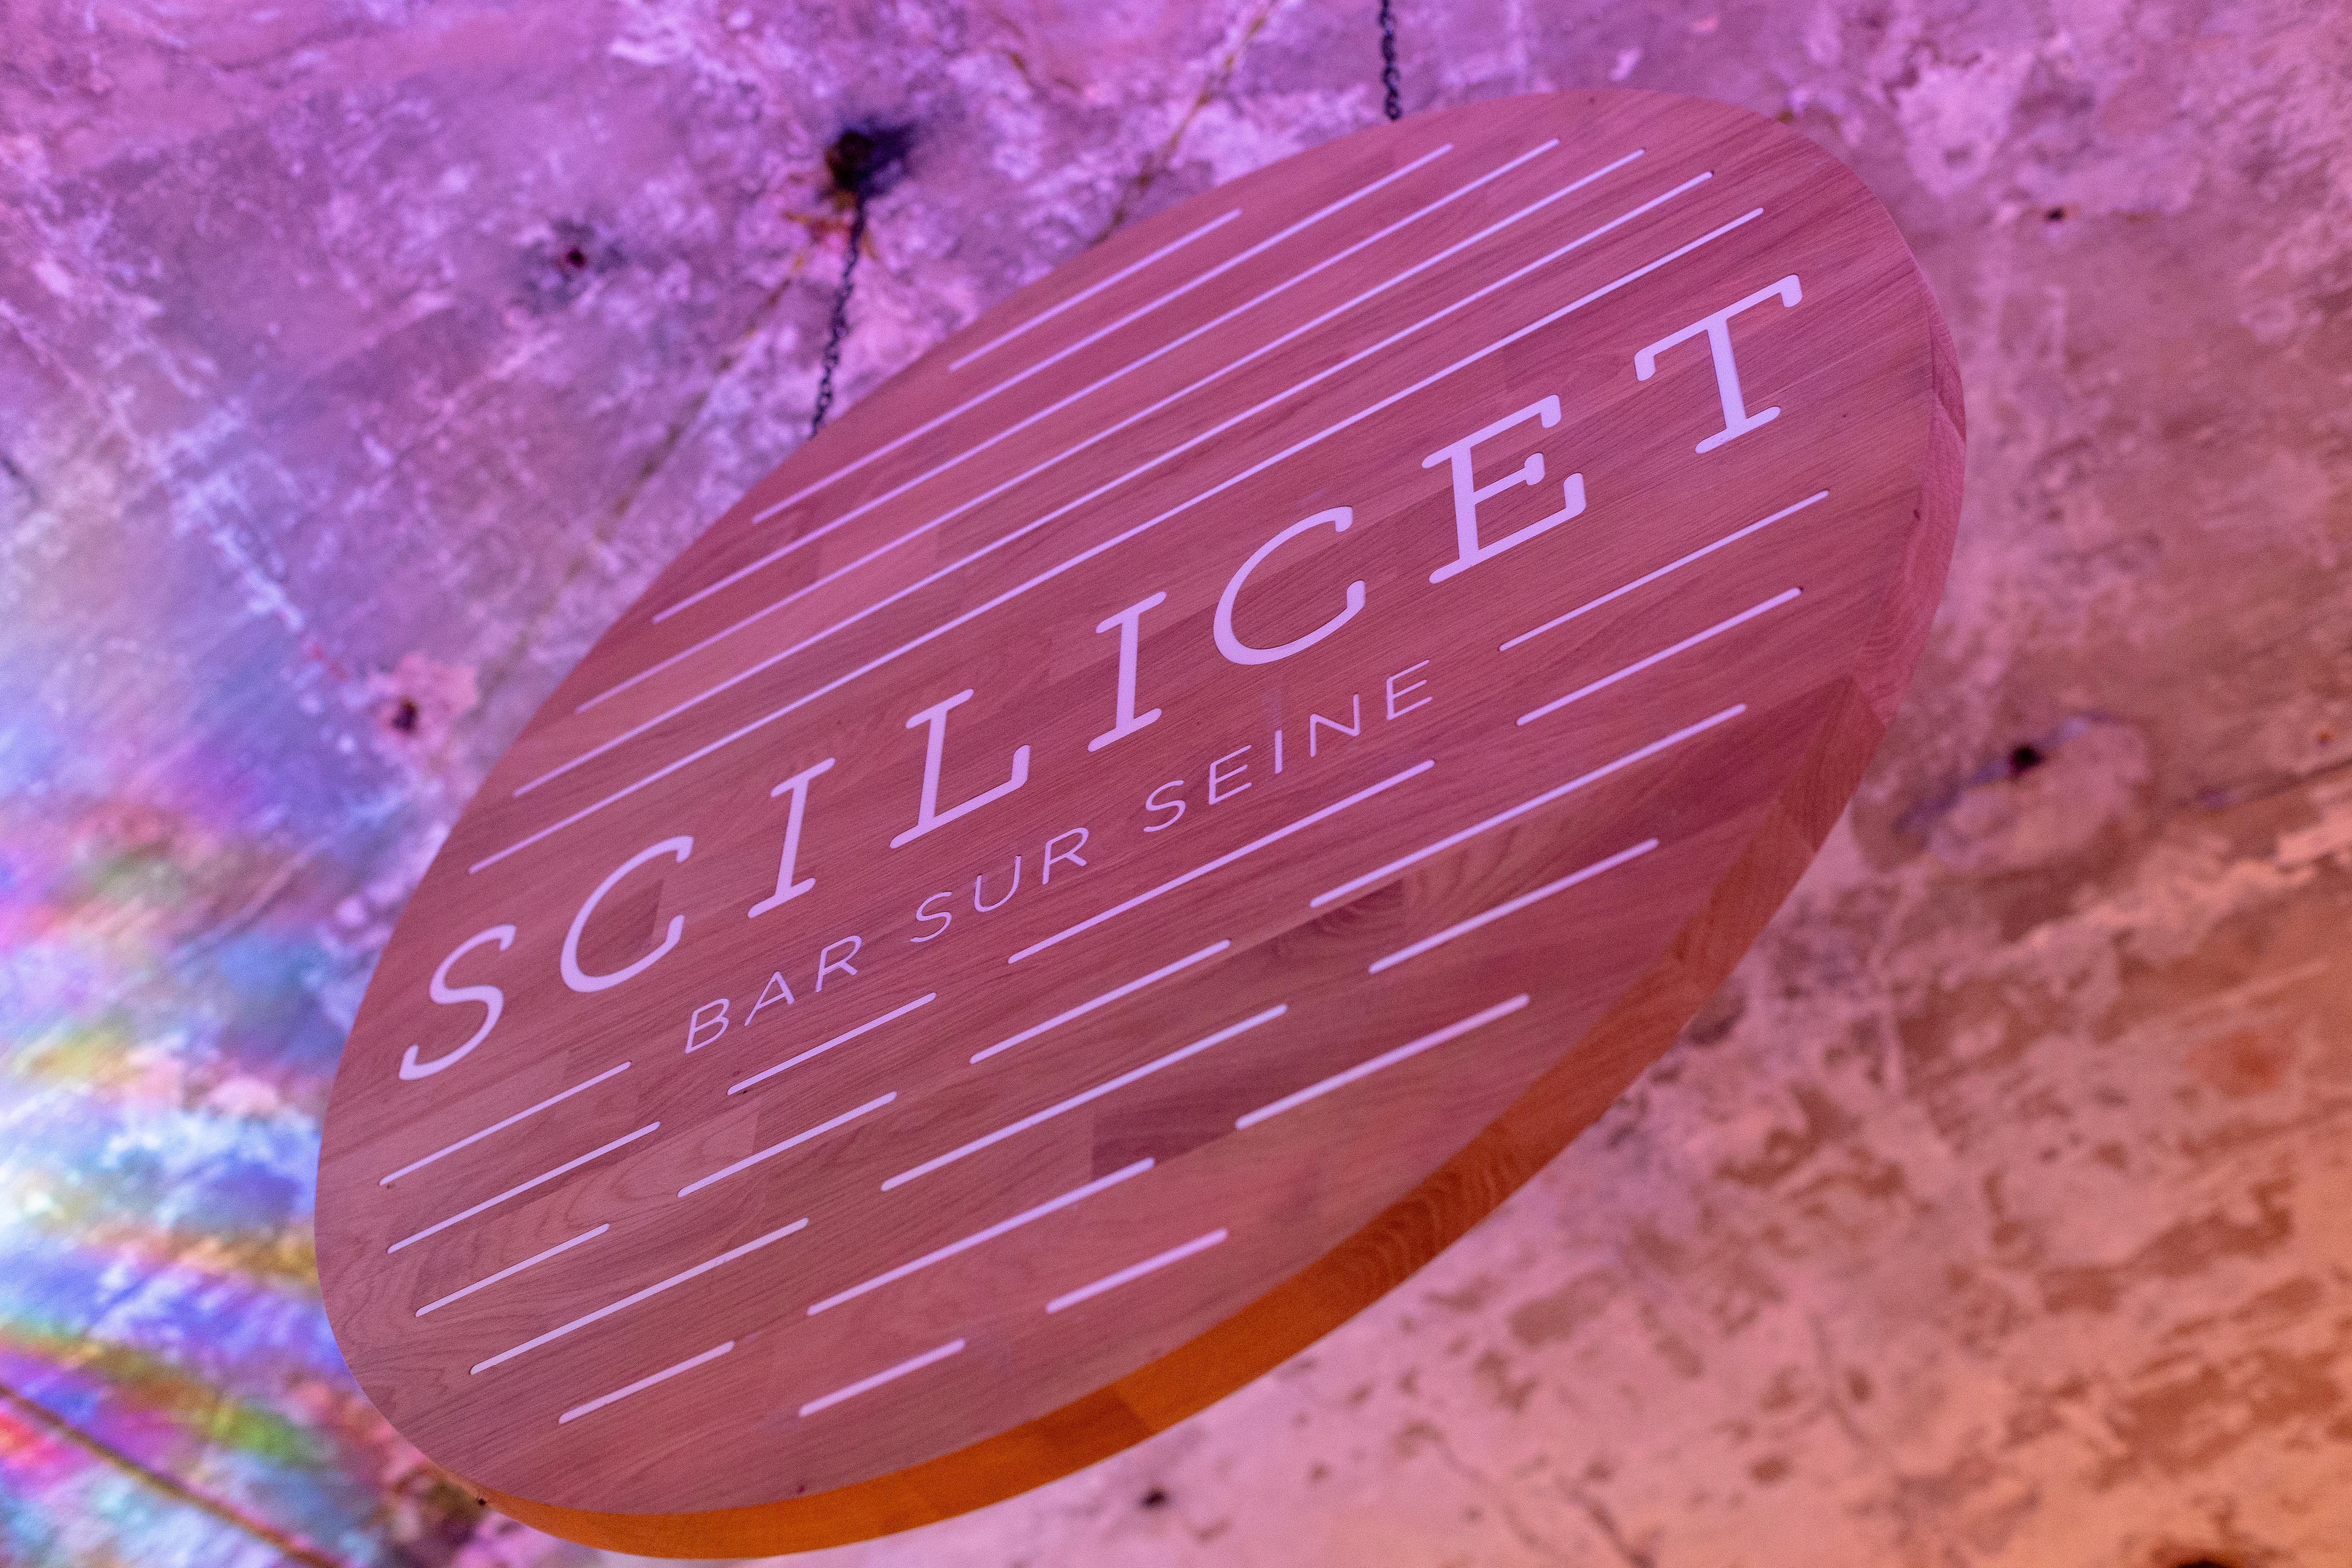 Votre nouveau Bar sur Seine !